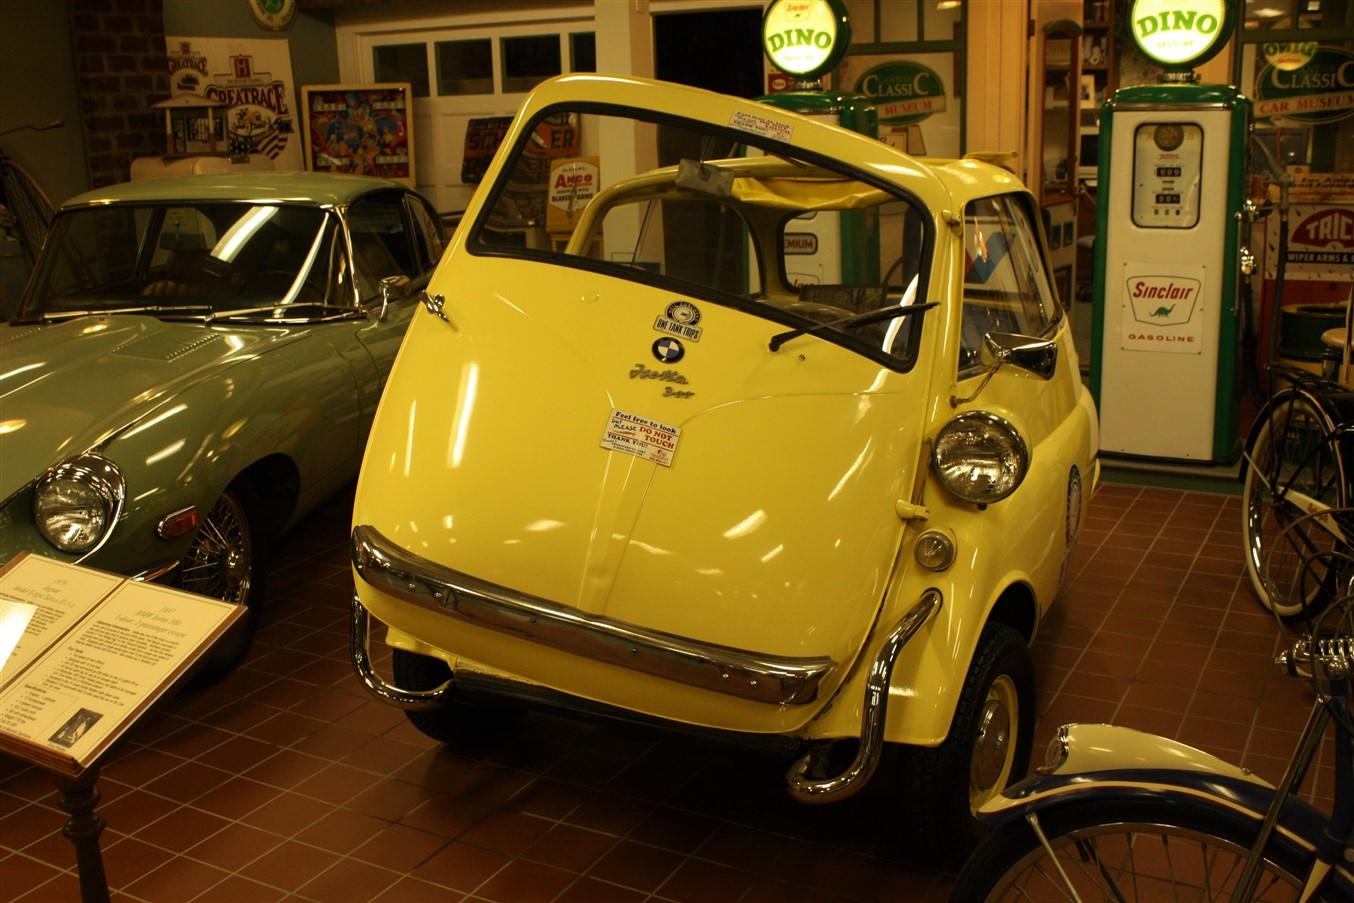 2012 01 22 Canton Classic Car Museum 52.jpg